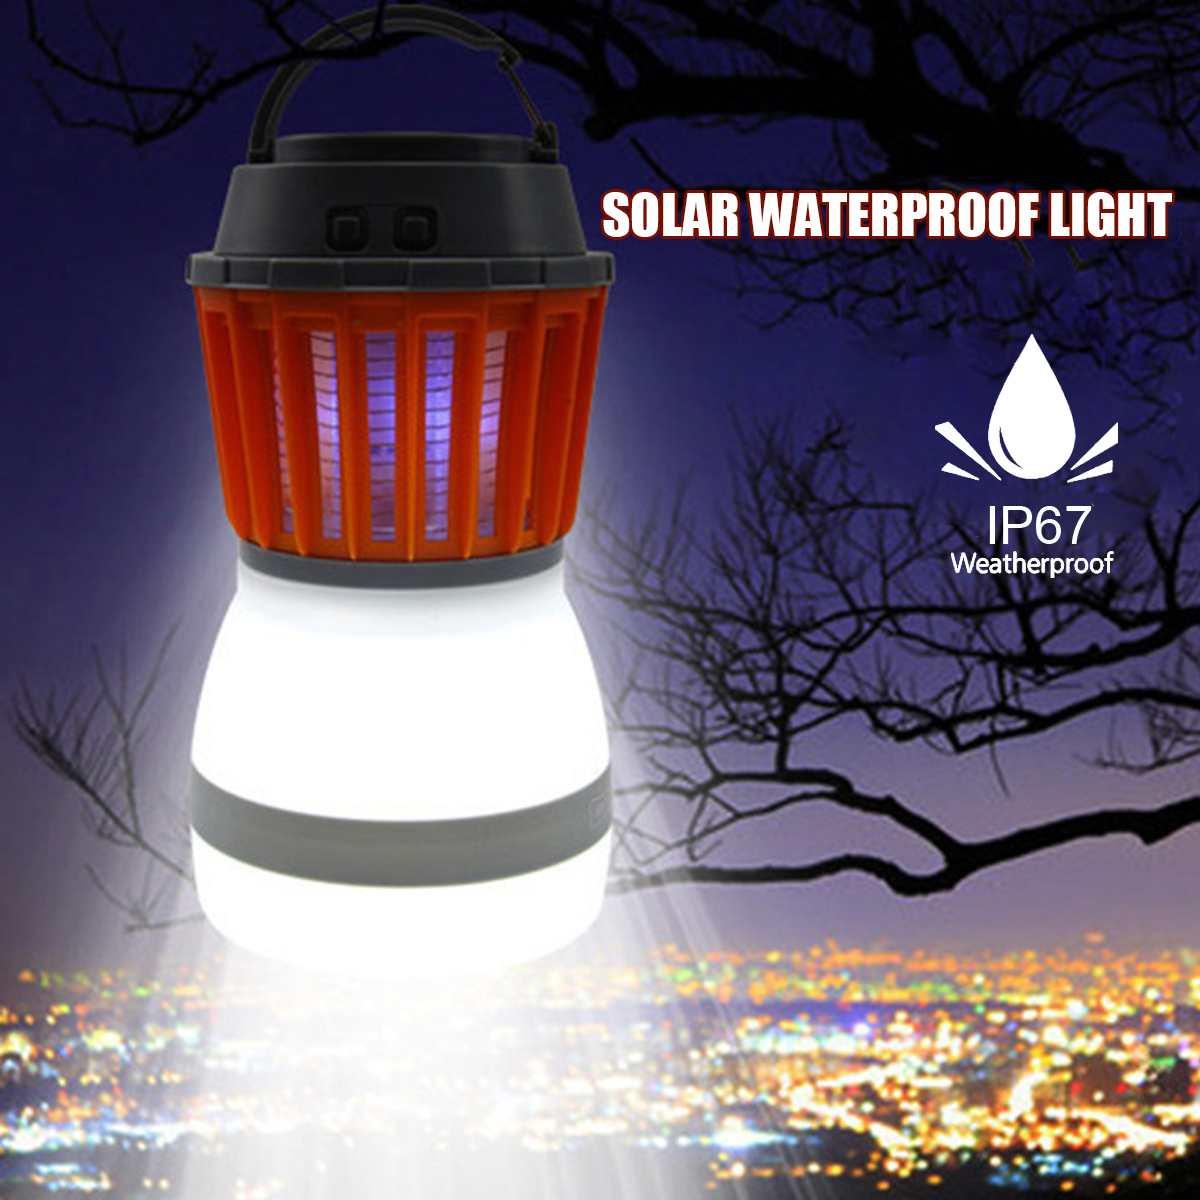 Licht & Beleuchtung Das Beste 120 Lumen Tragbare Solar Ladegerät Laterne Notfall 16 Led Camping Laterne Wasserdichte Wiederaufladbare Hand Kurbel Licht Lampe Solarlampen